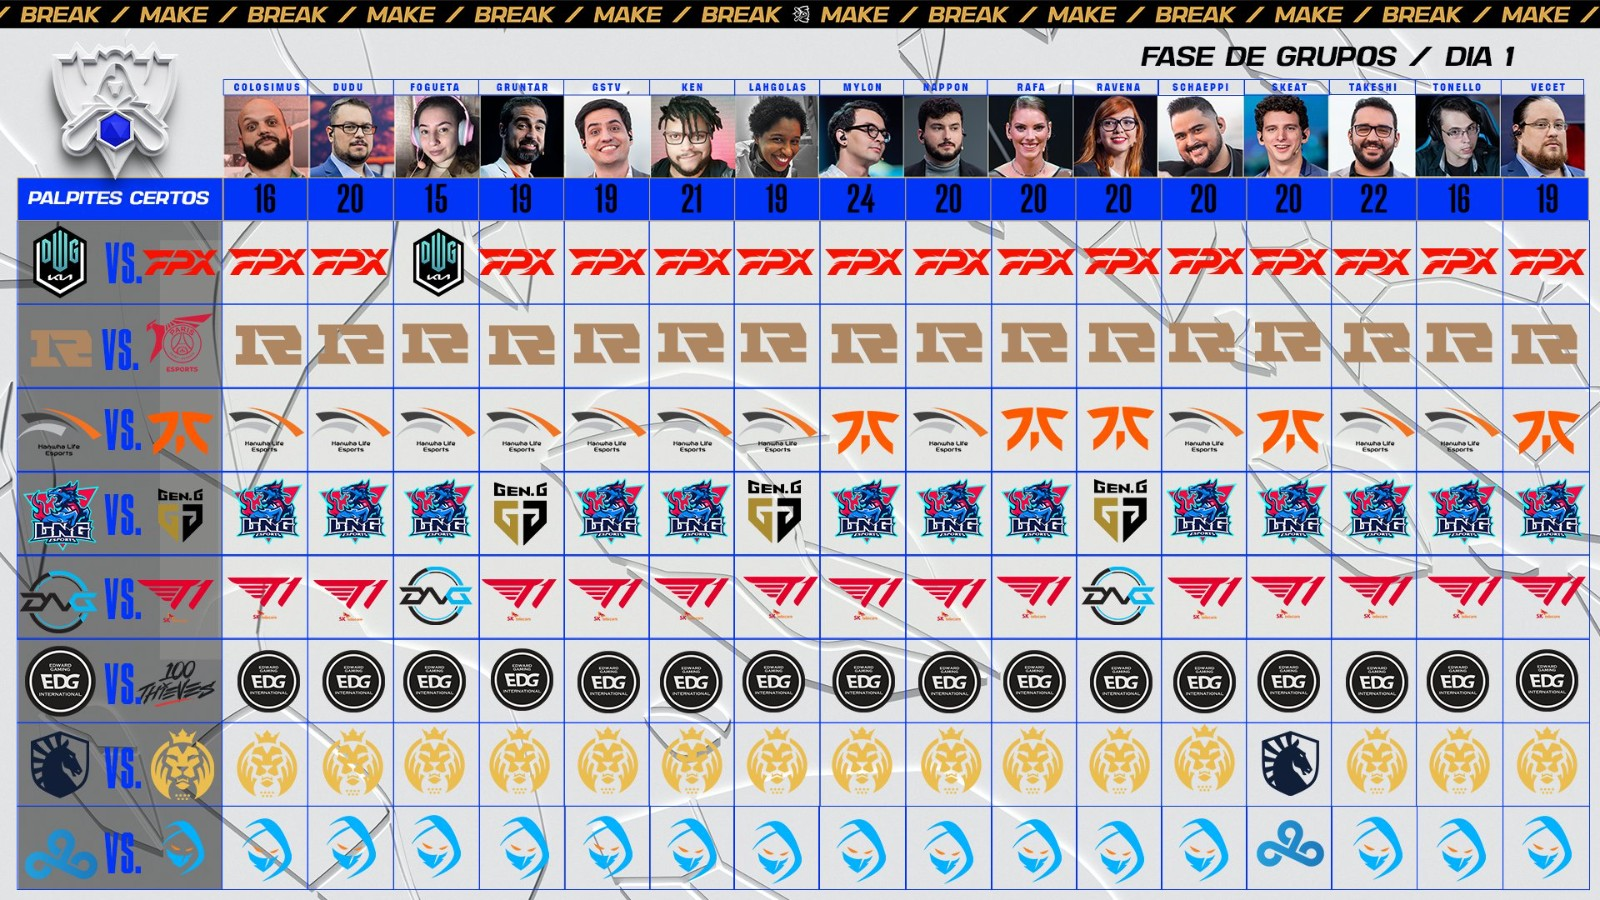 巴西解说今日赛果预测:全员看好RNG、EDG获胜